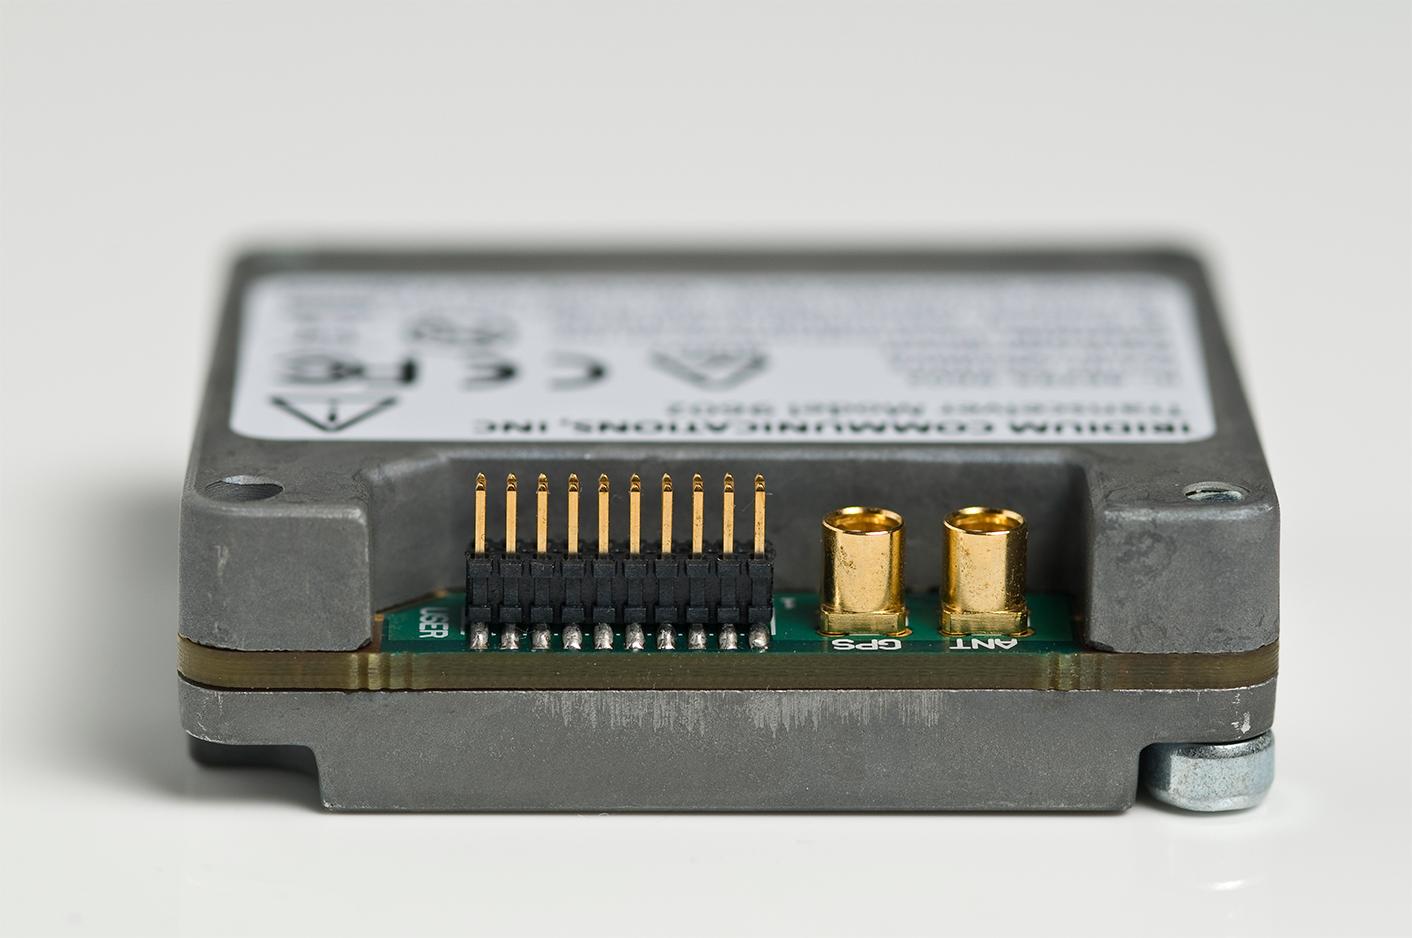 Iridium 9602 module connector